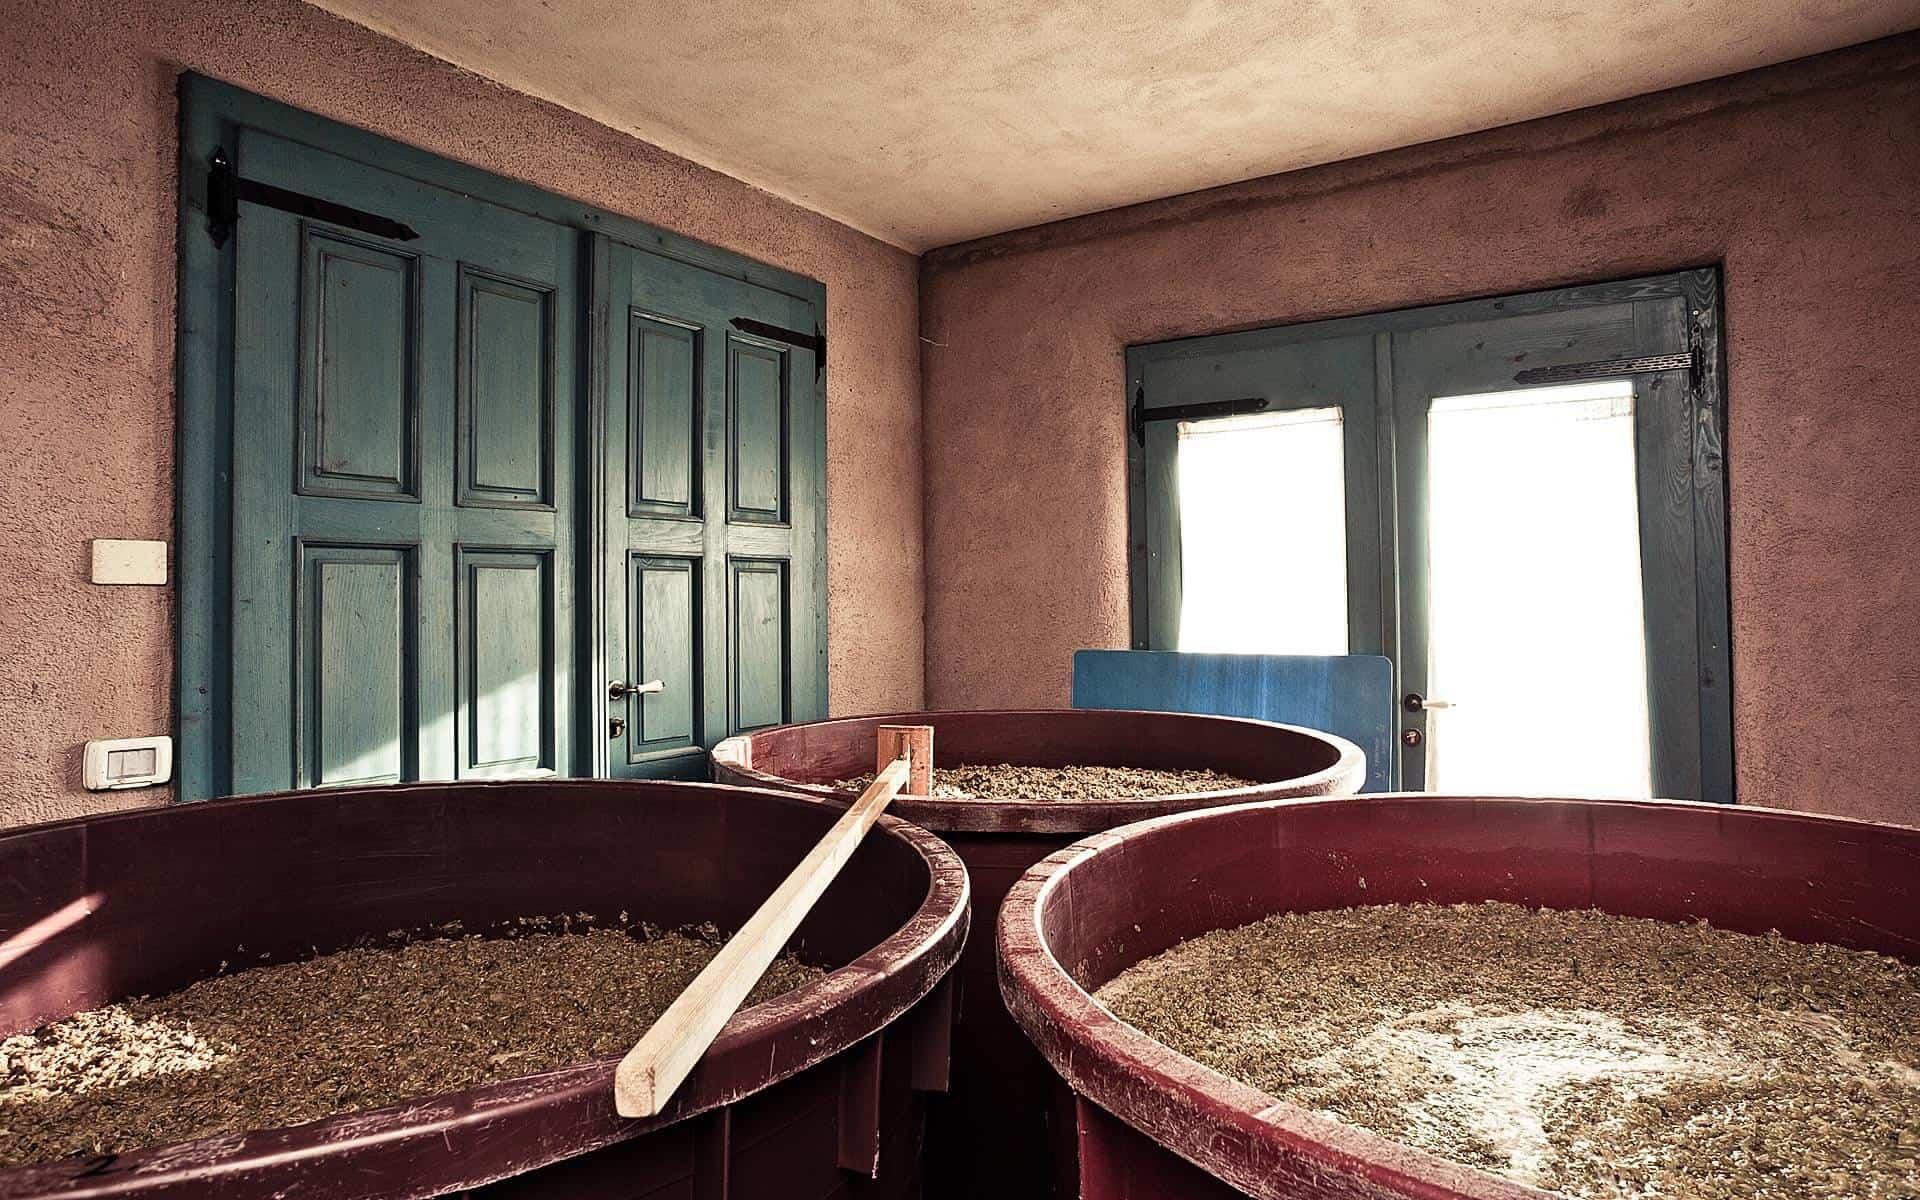 maceracija belega grozdja v kleti Čotar, Gorjansko, Kras, Slovenija